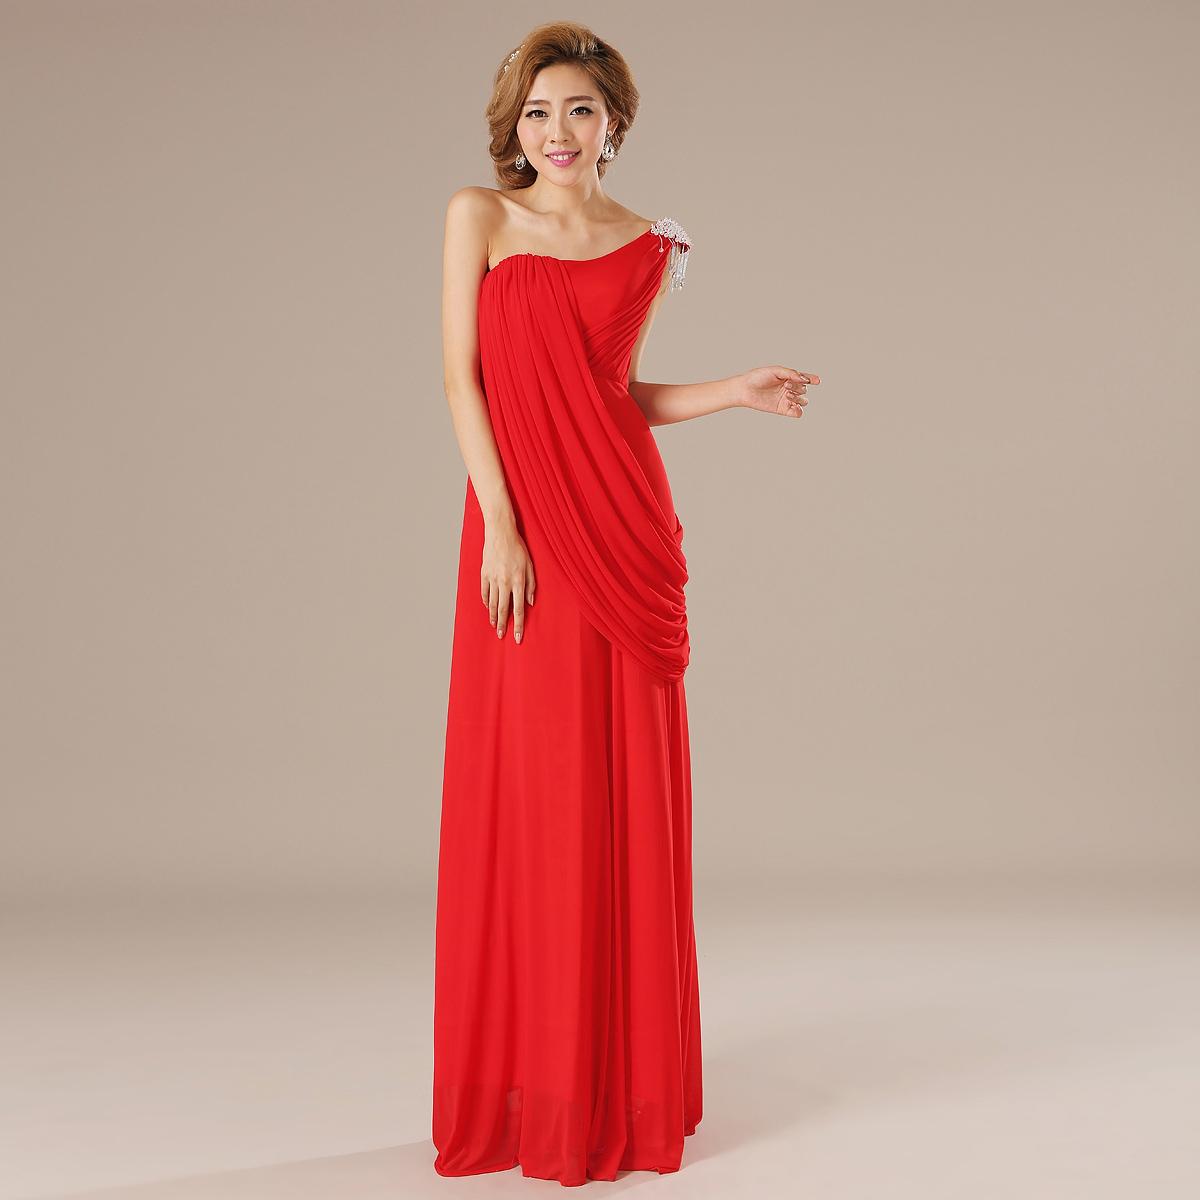 婚纱礼服新款2013新娘结婚红色礼服单肩长款敬酒服晚礼服LF13063